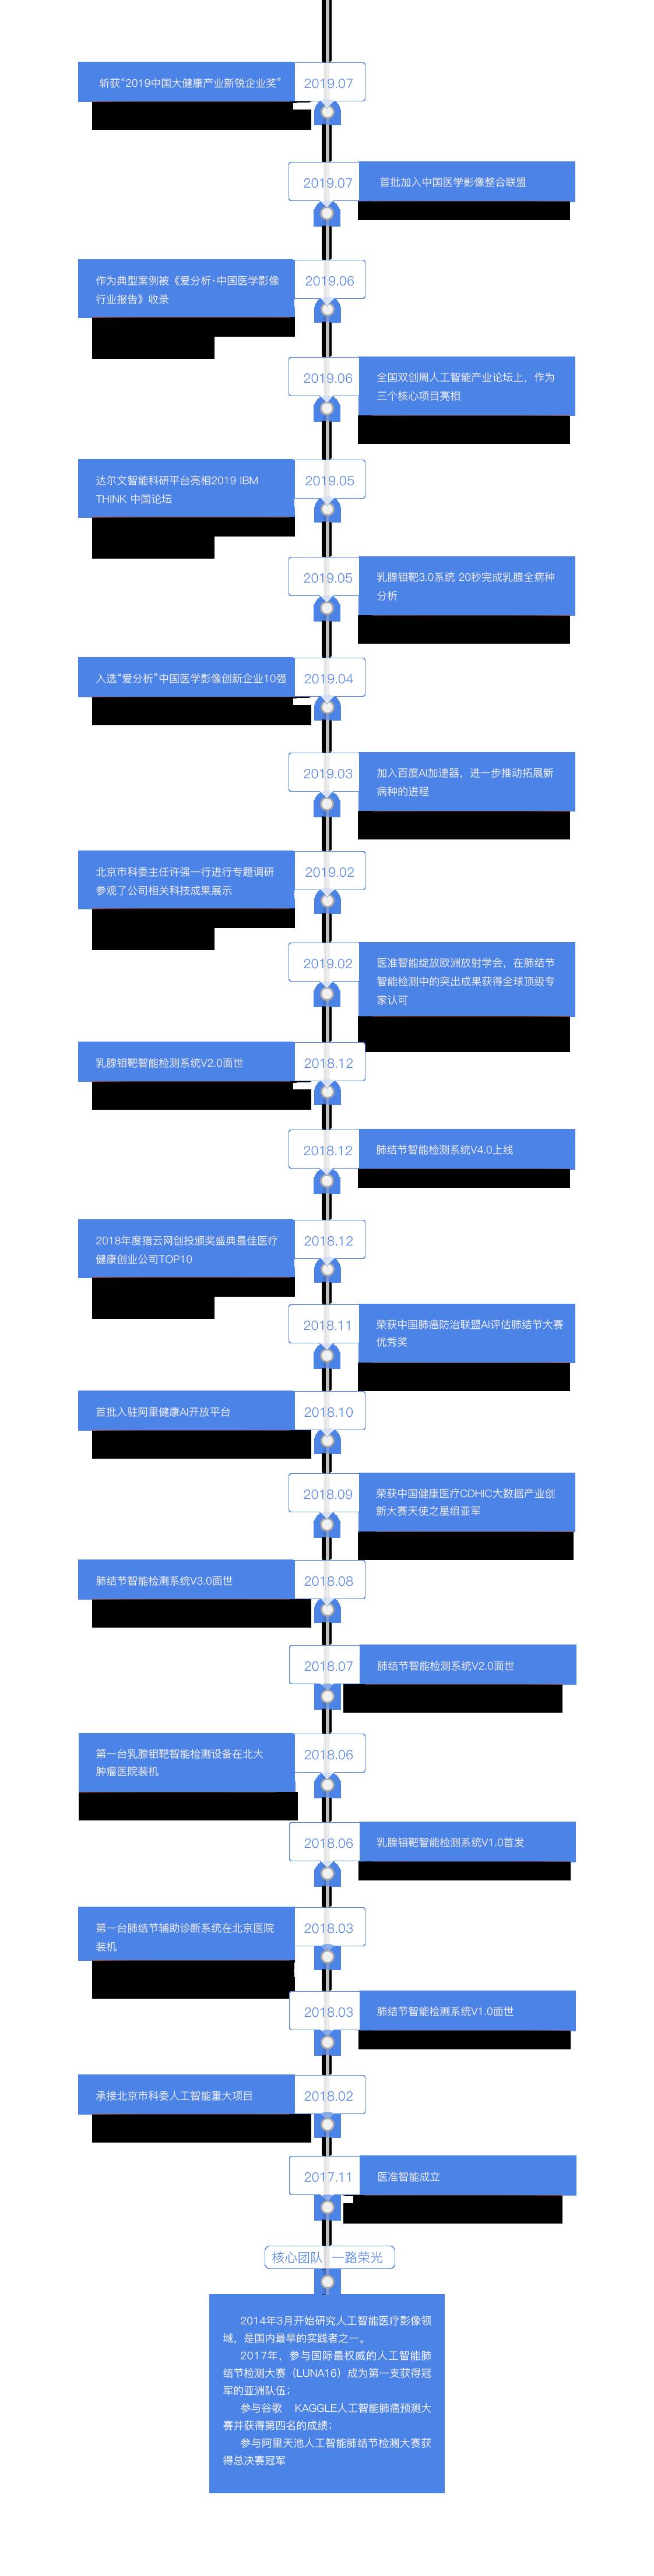 甘肃快3网页